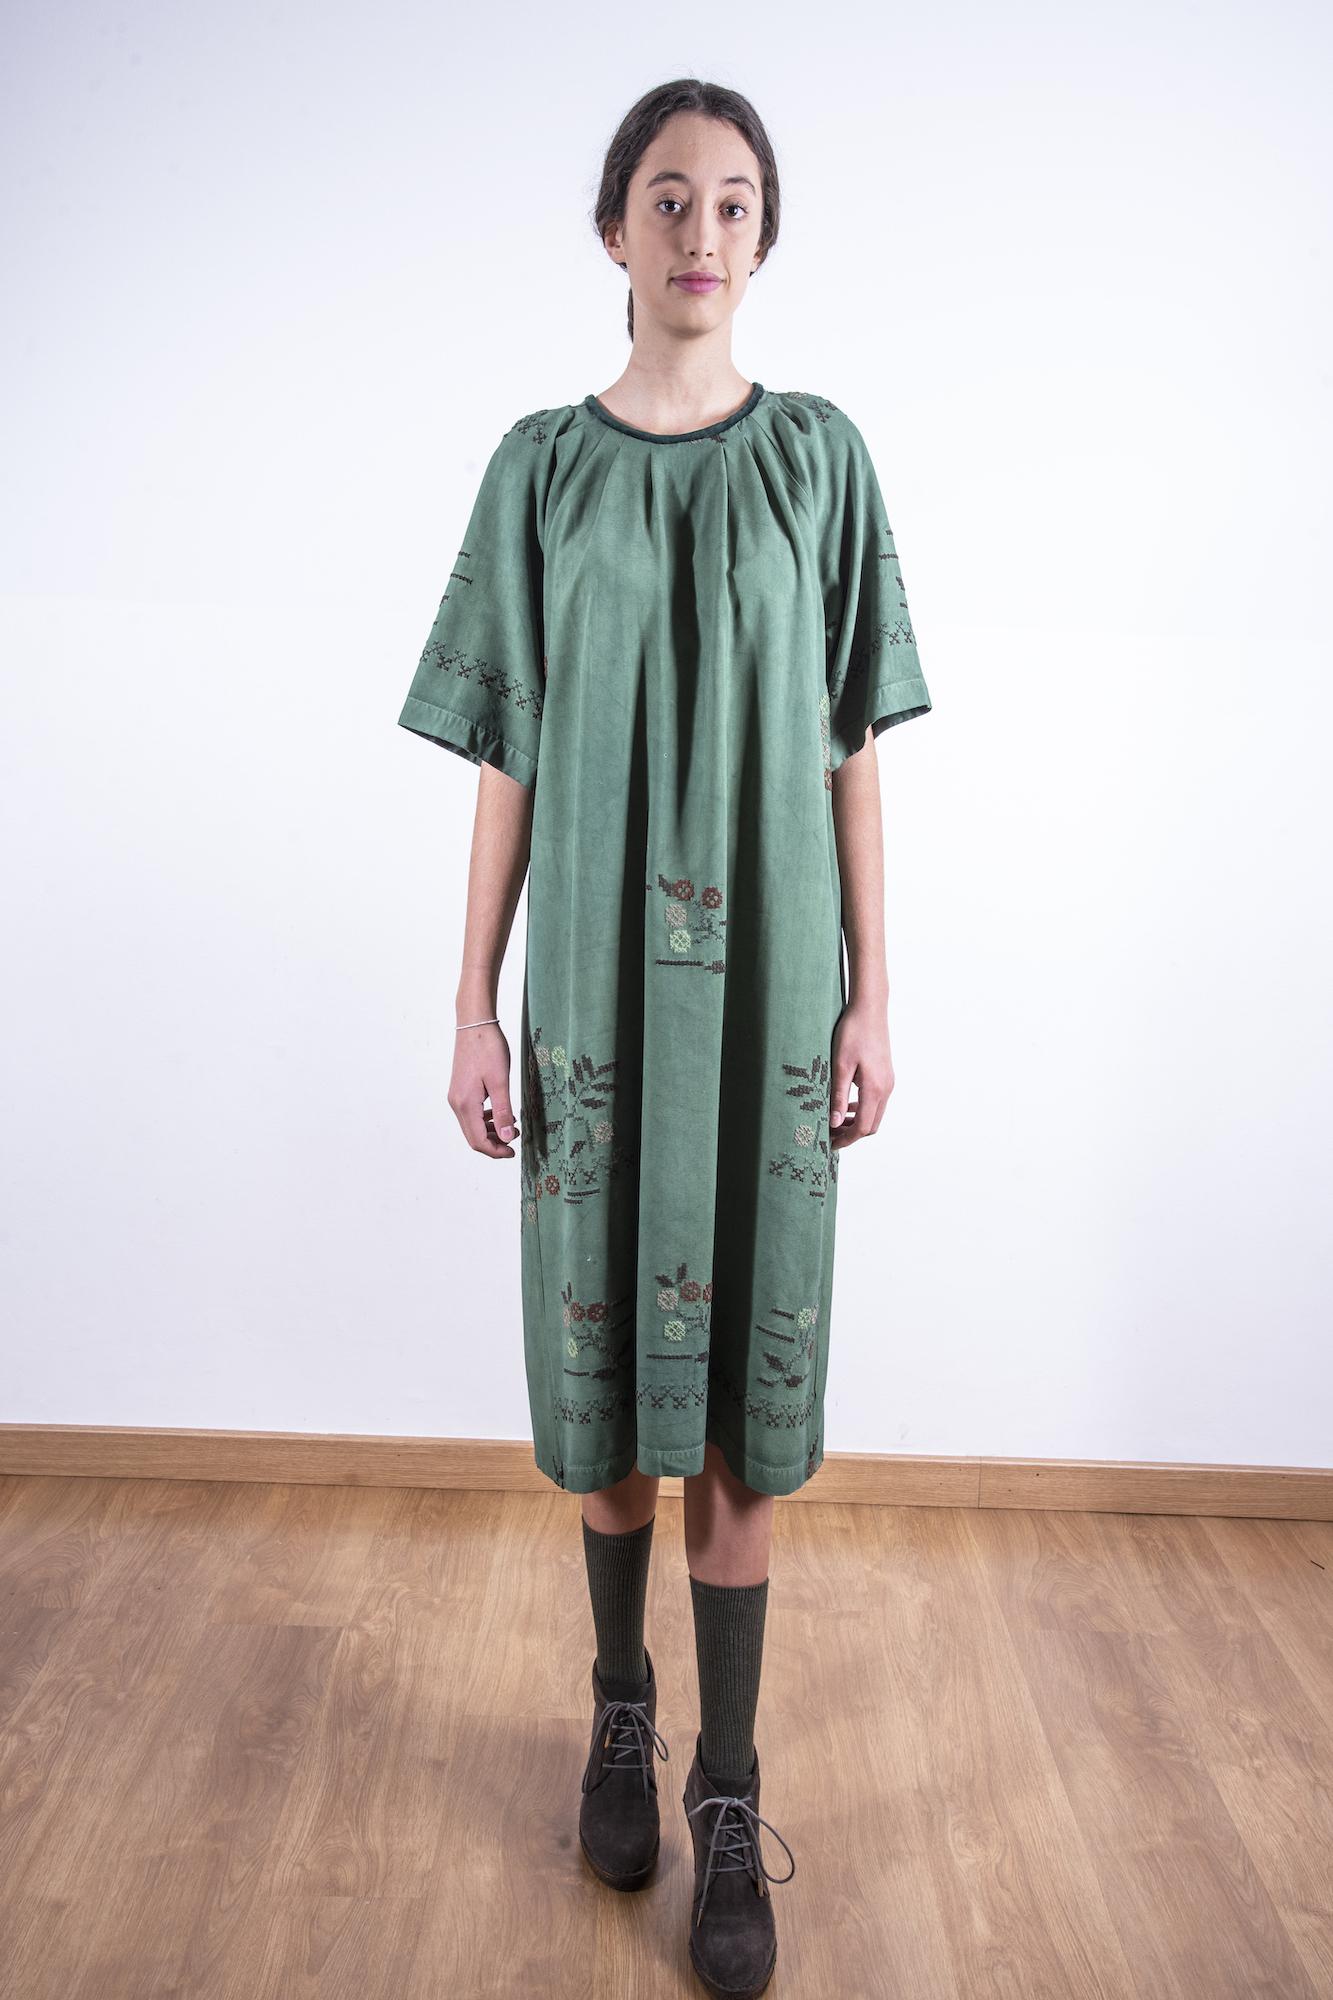 Deep green oversized dress